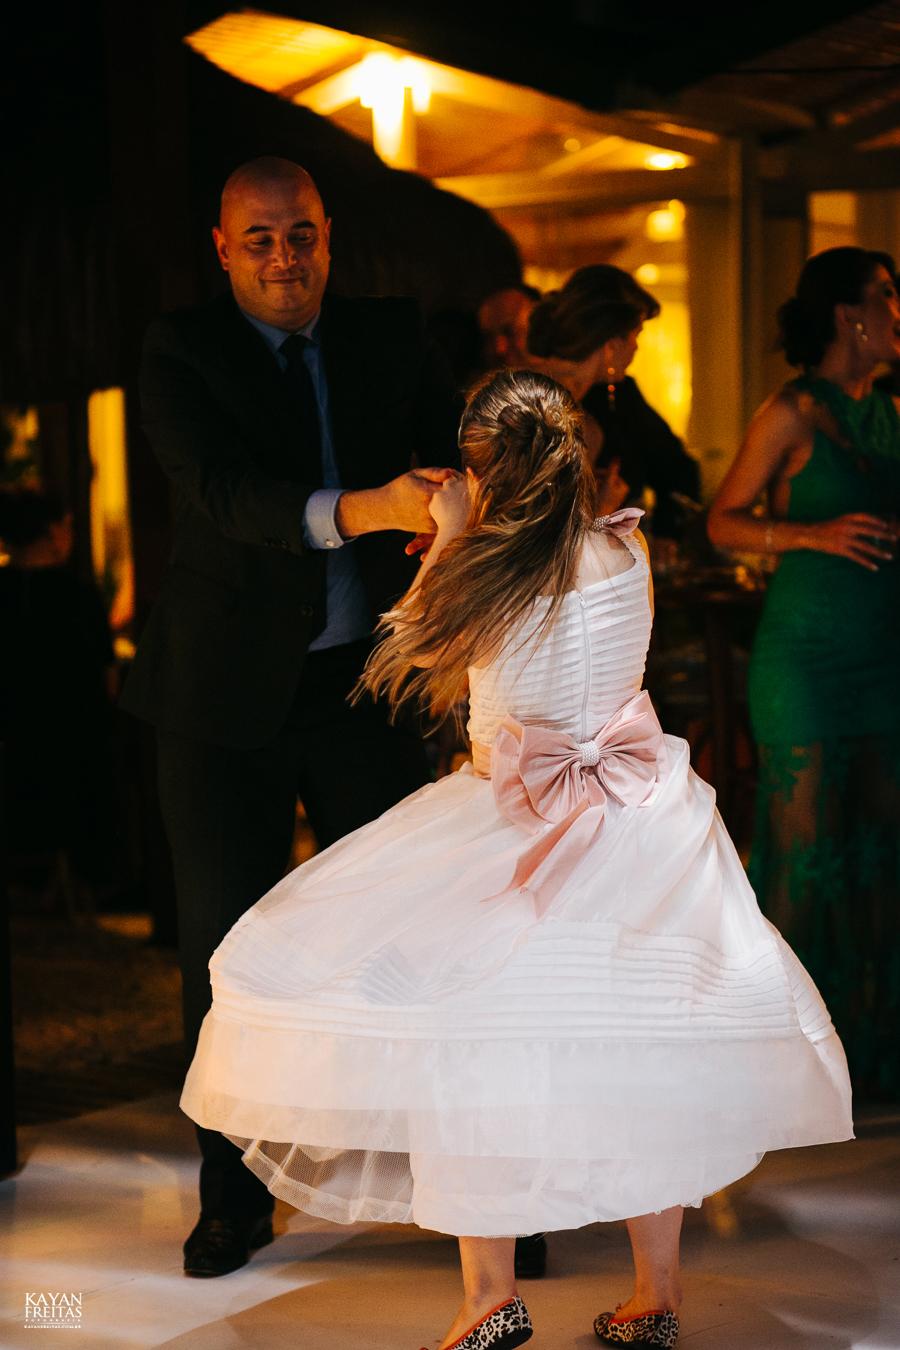 fotografo-casamento-florianopolis-jeg-0142 Joice + George - Casamento em Florianópolis - Hóteis Costa Norte